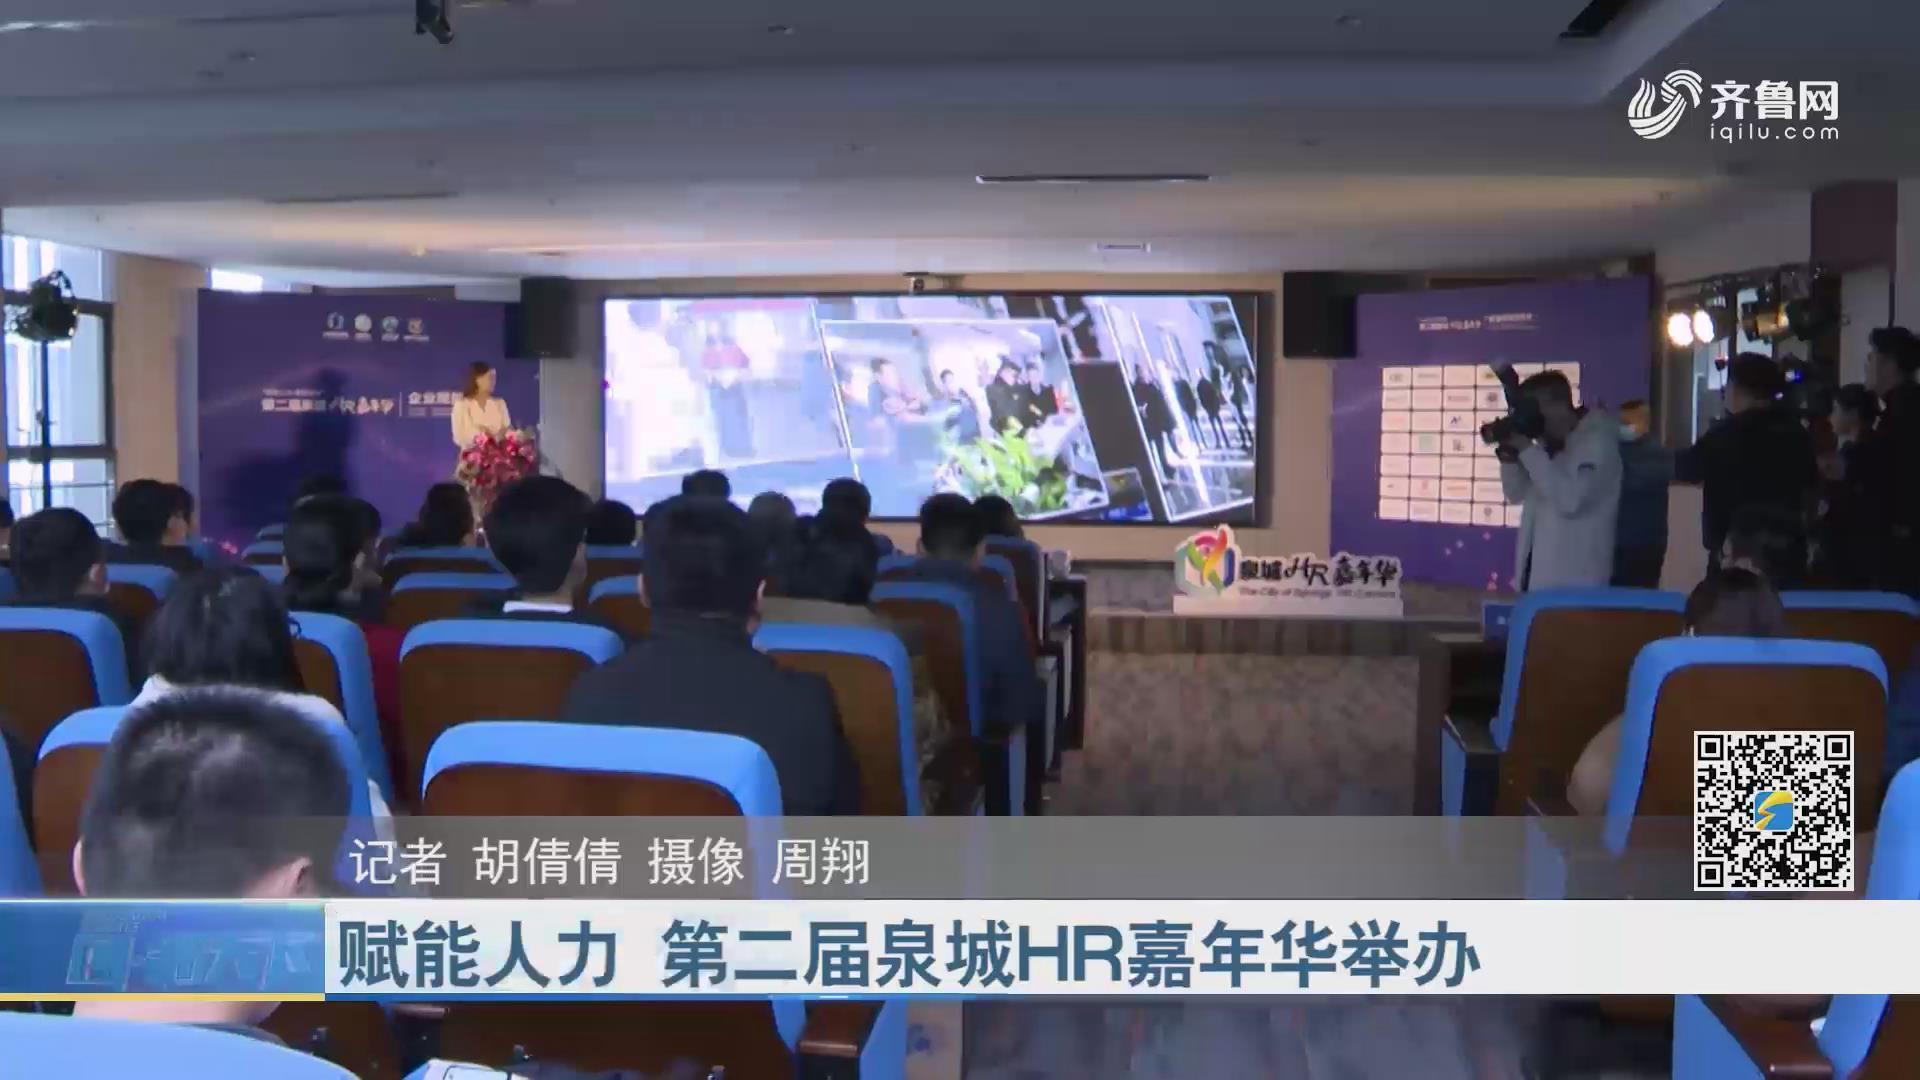 赋能人力 第二届泉城HR嘉年华举办